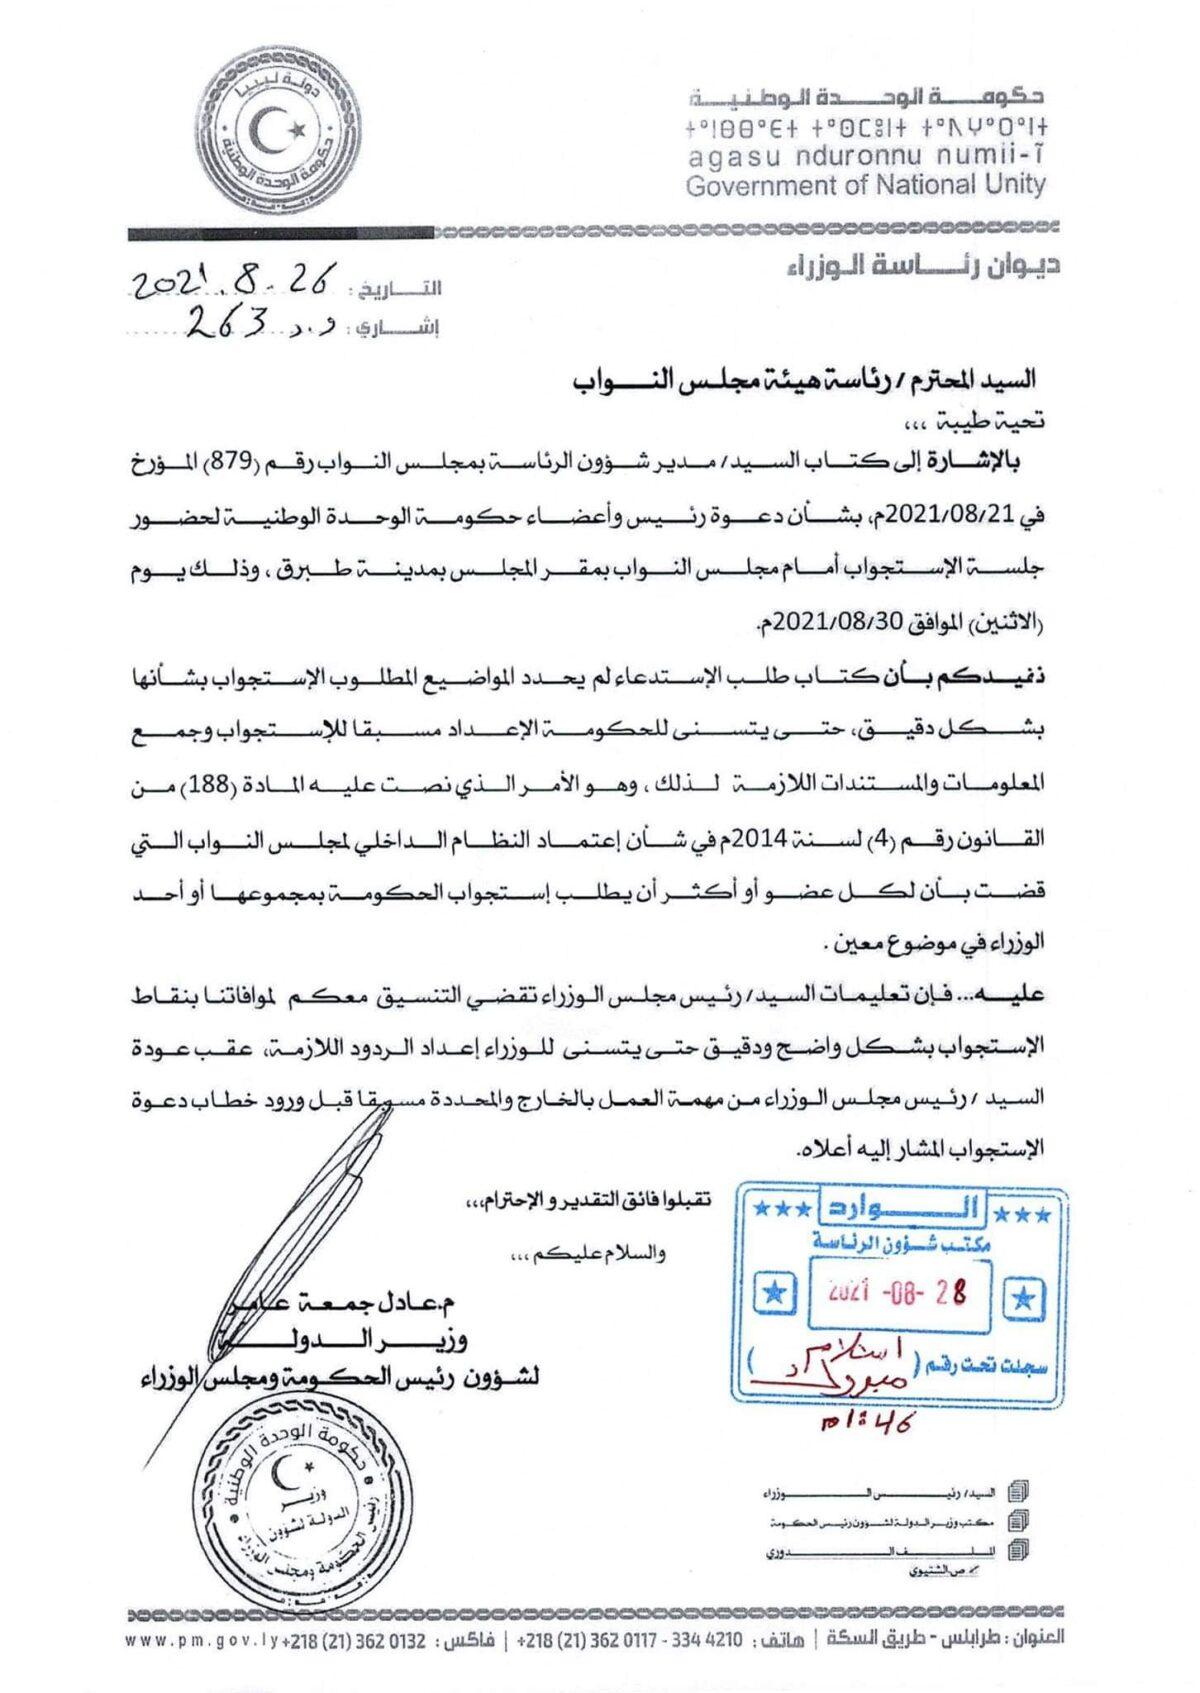 مجلس النوّاب يُؤجل استجواب الحكومة